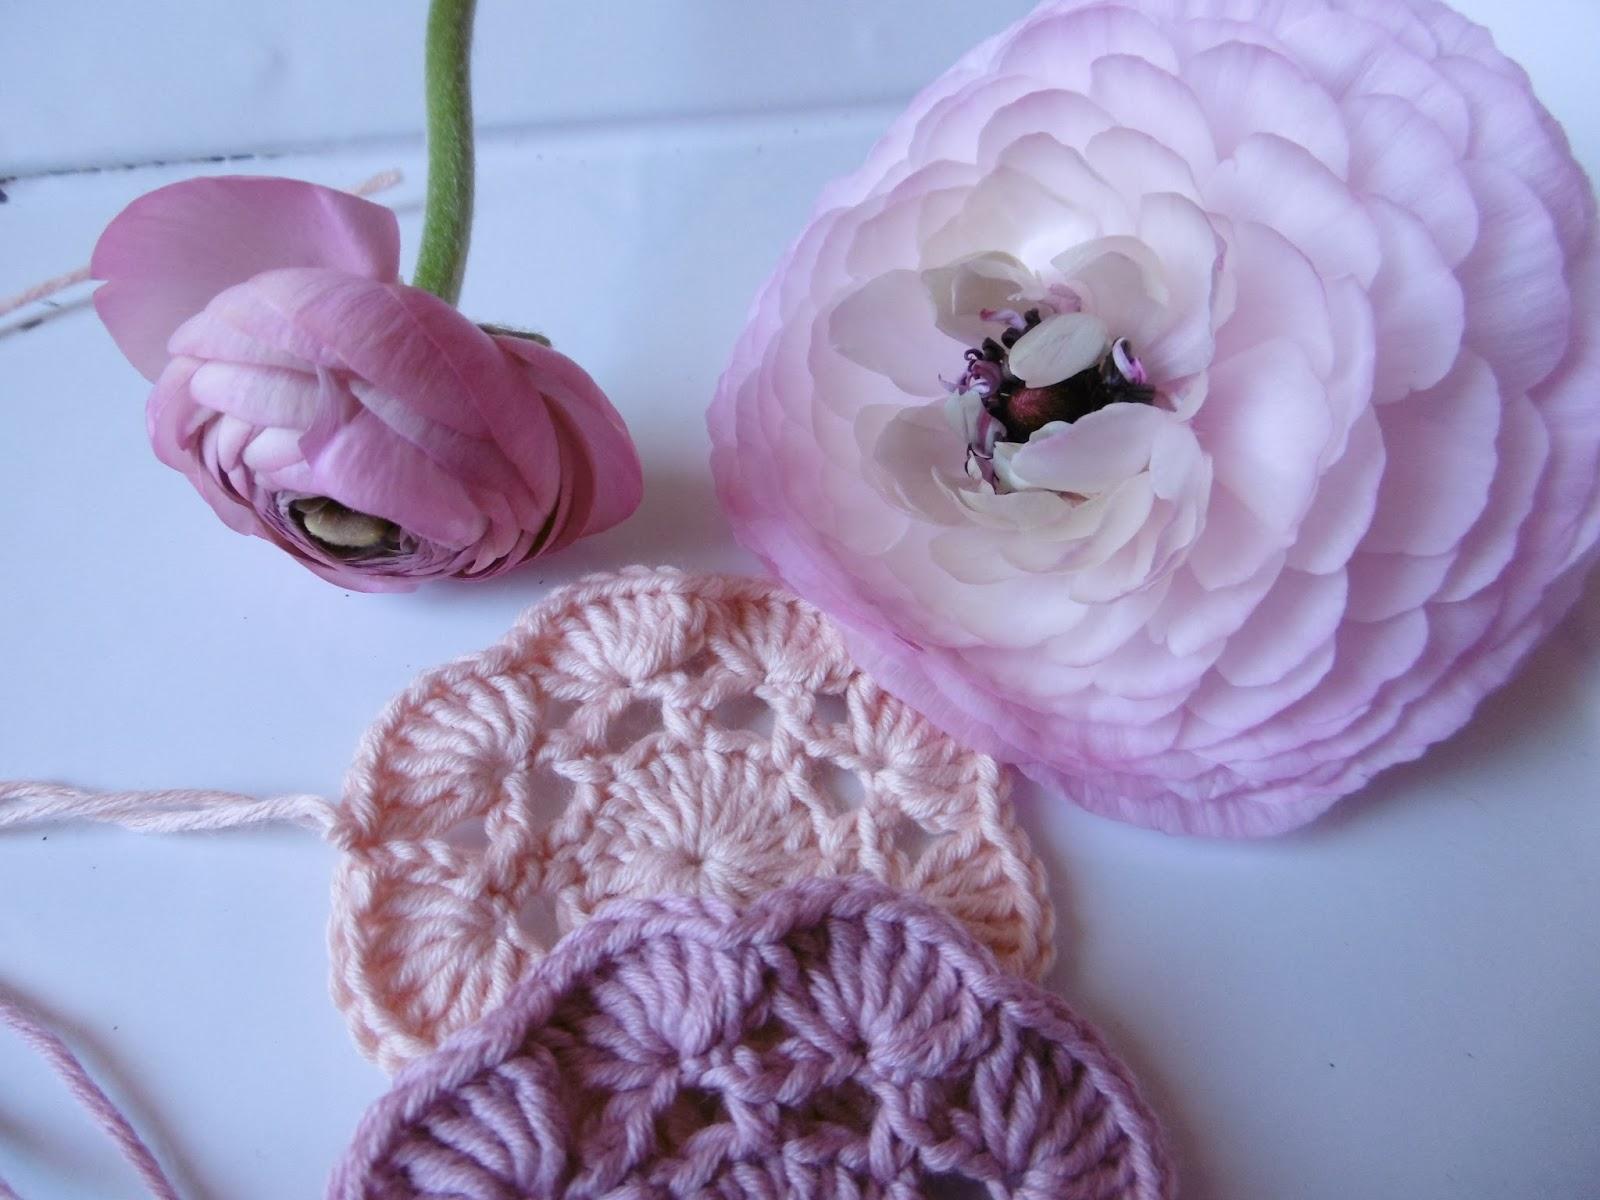 Häkeln im Quadrat: Zarte Blüten in Rosé